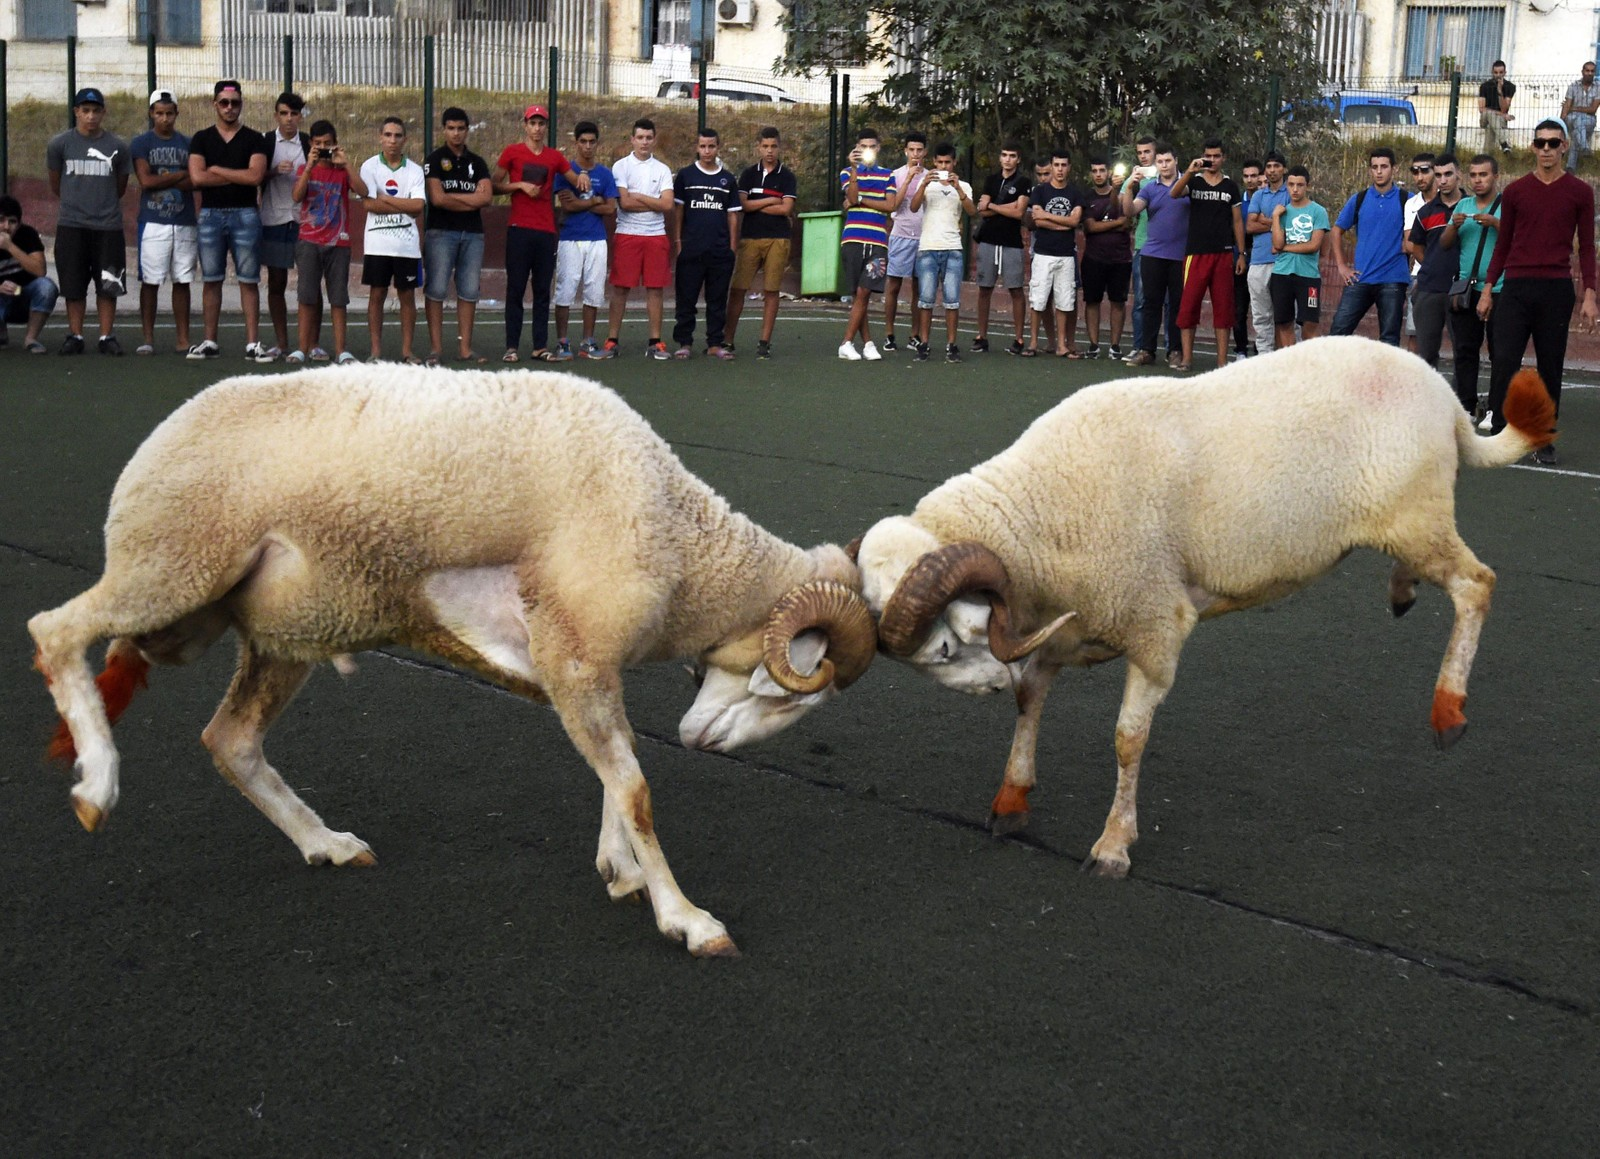 Disse bukkene barker sammen som en del av Eid-feiringa i Algerie.